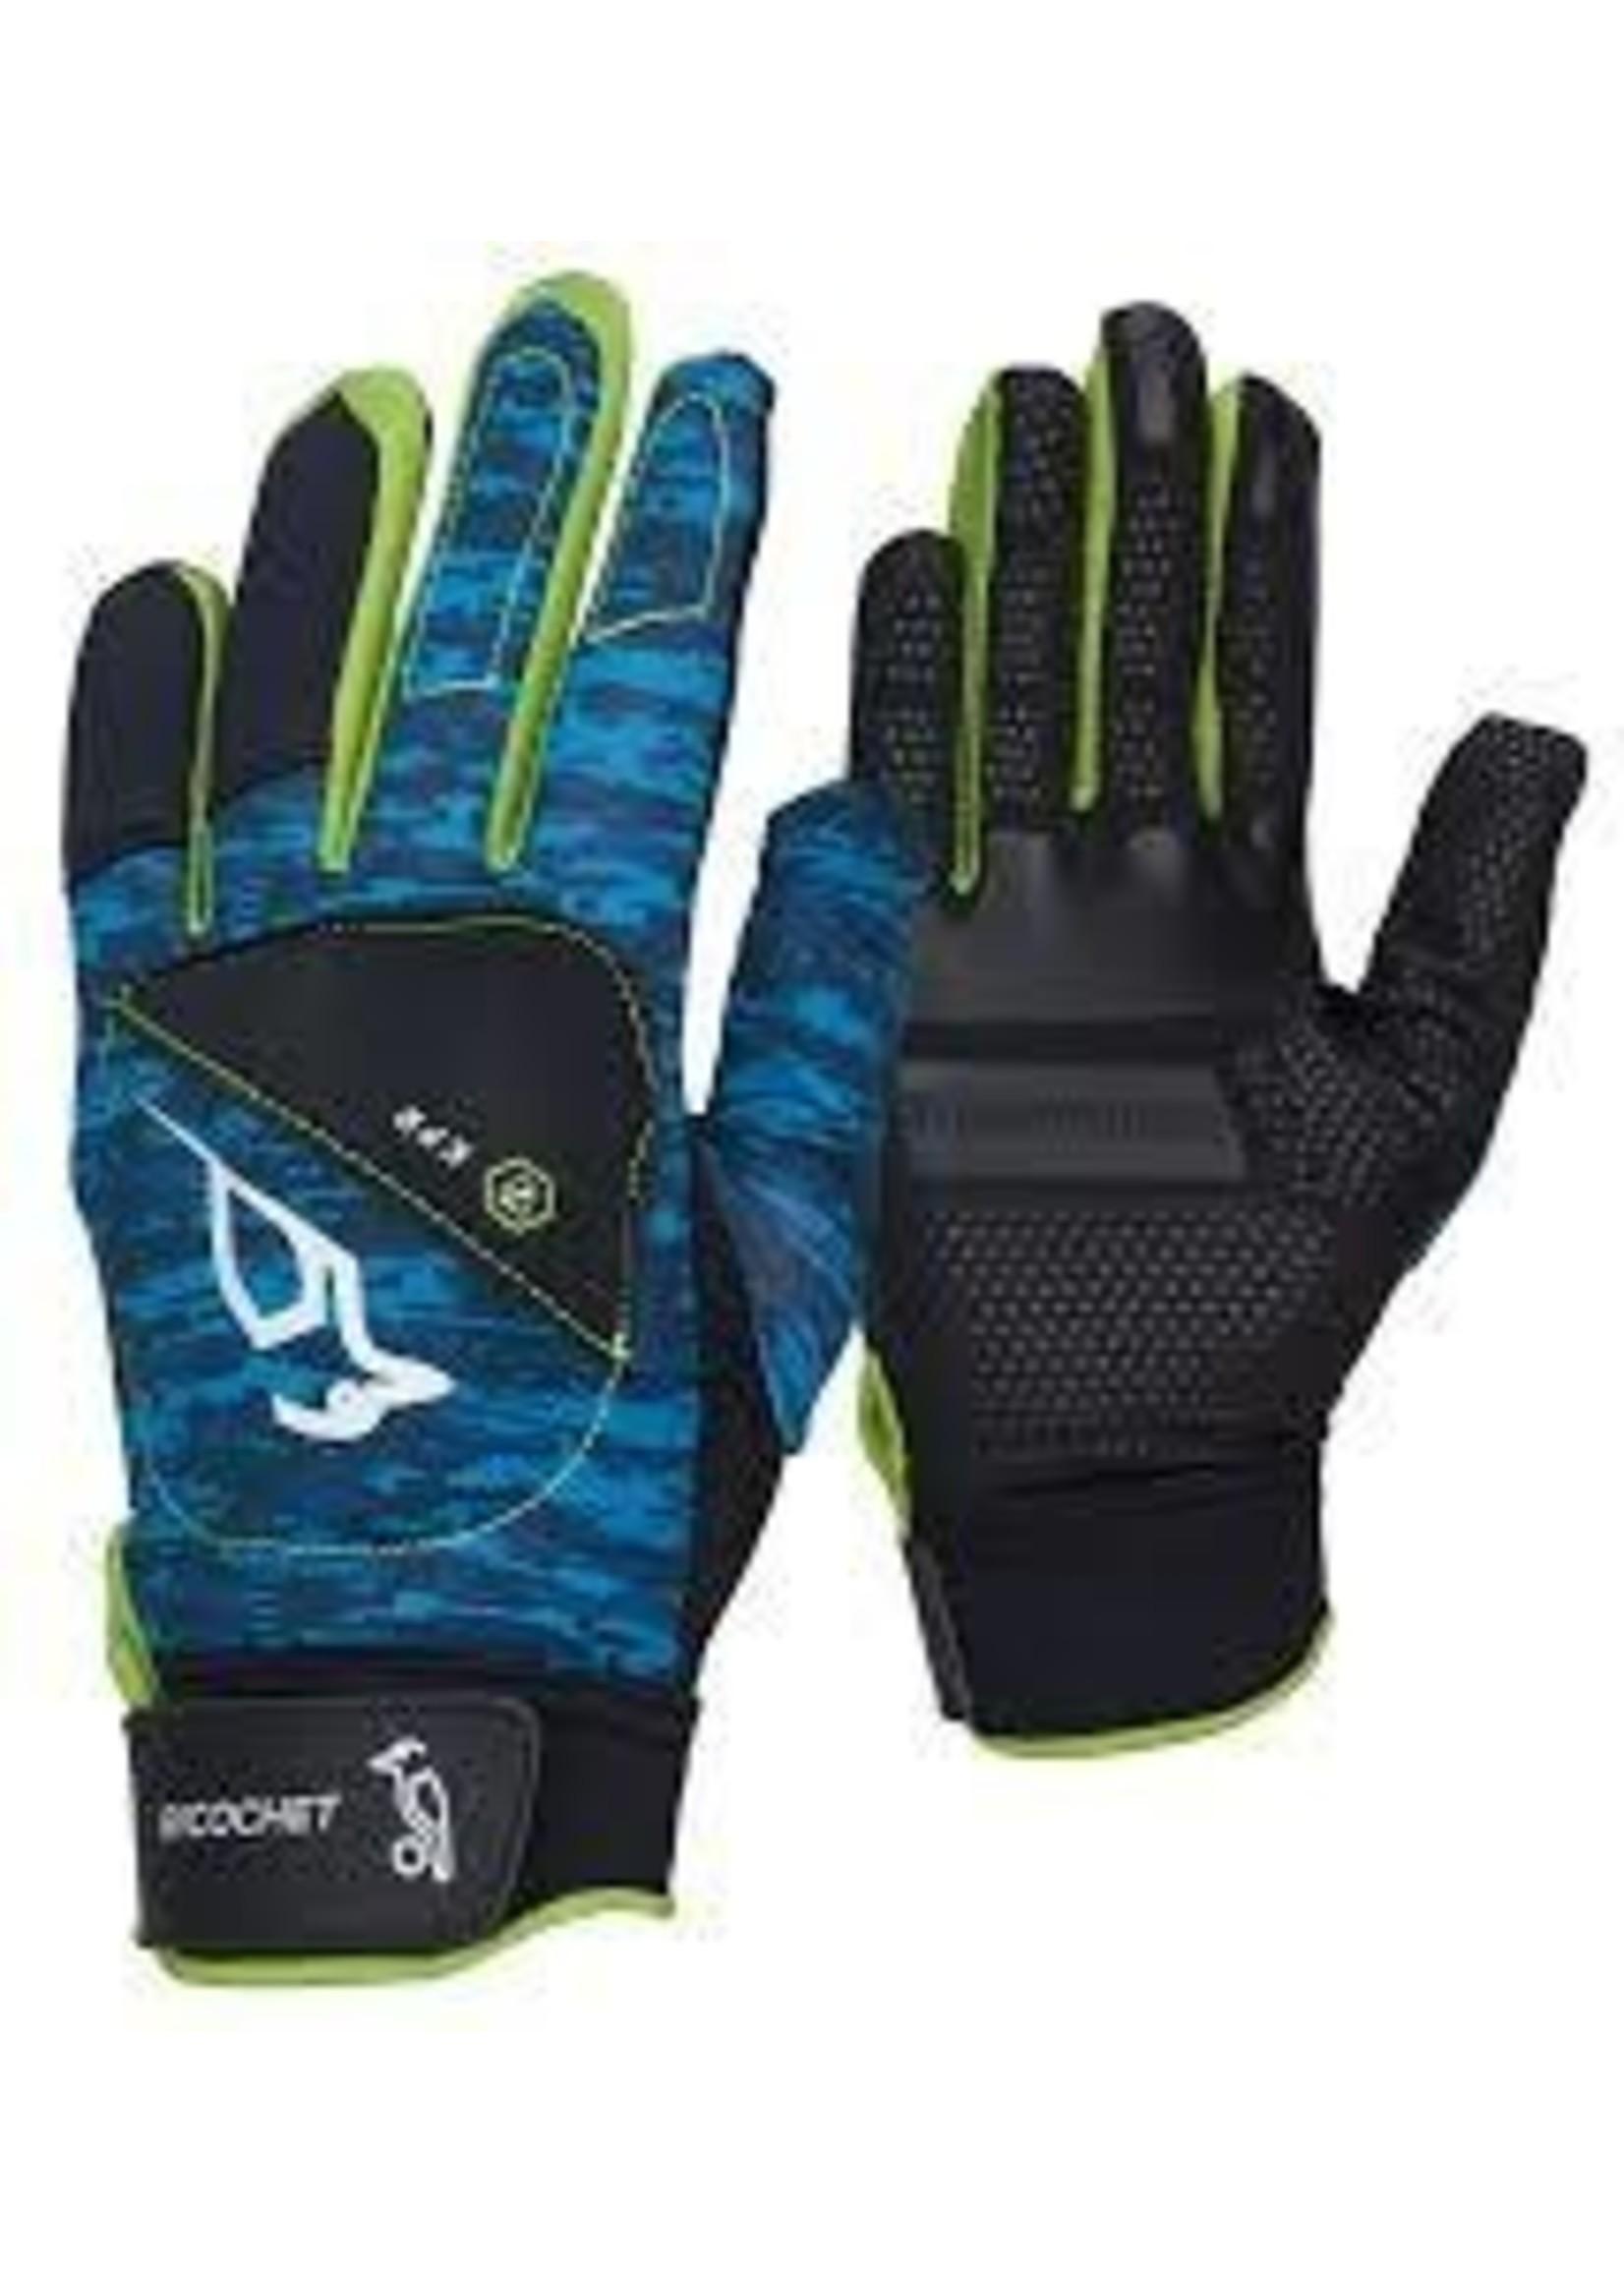 Kookaburra Kookaburra Nitrogen Hockey Gloves